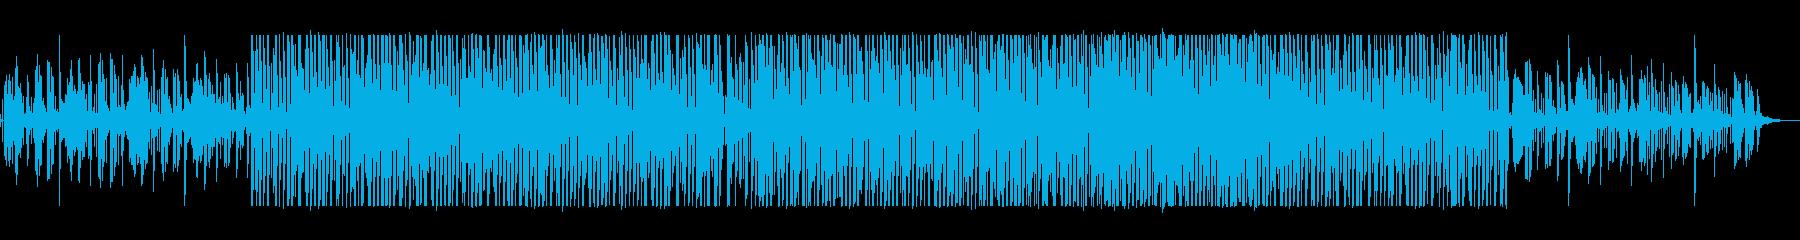 疾走感とおしゃれなシンセテクノサウンドの再生済みの波形